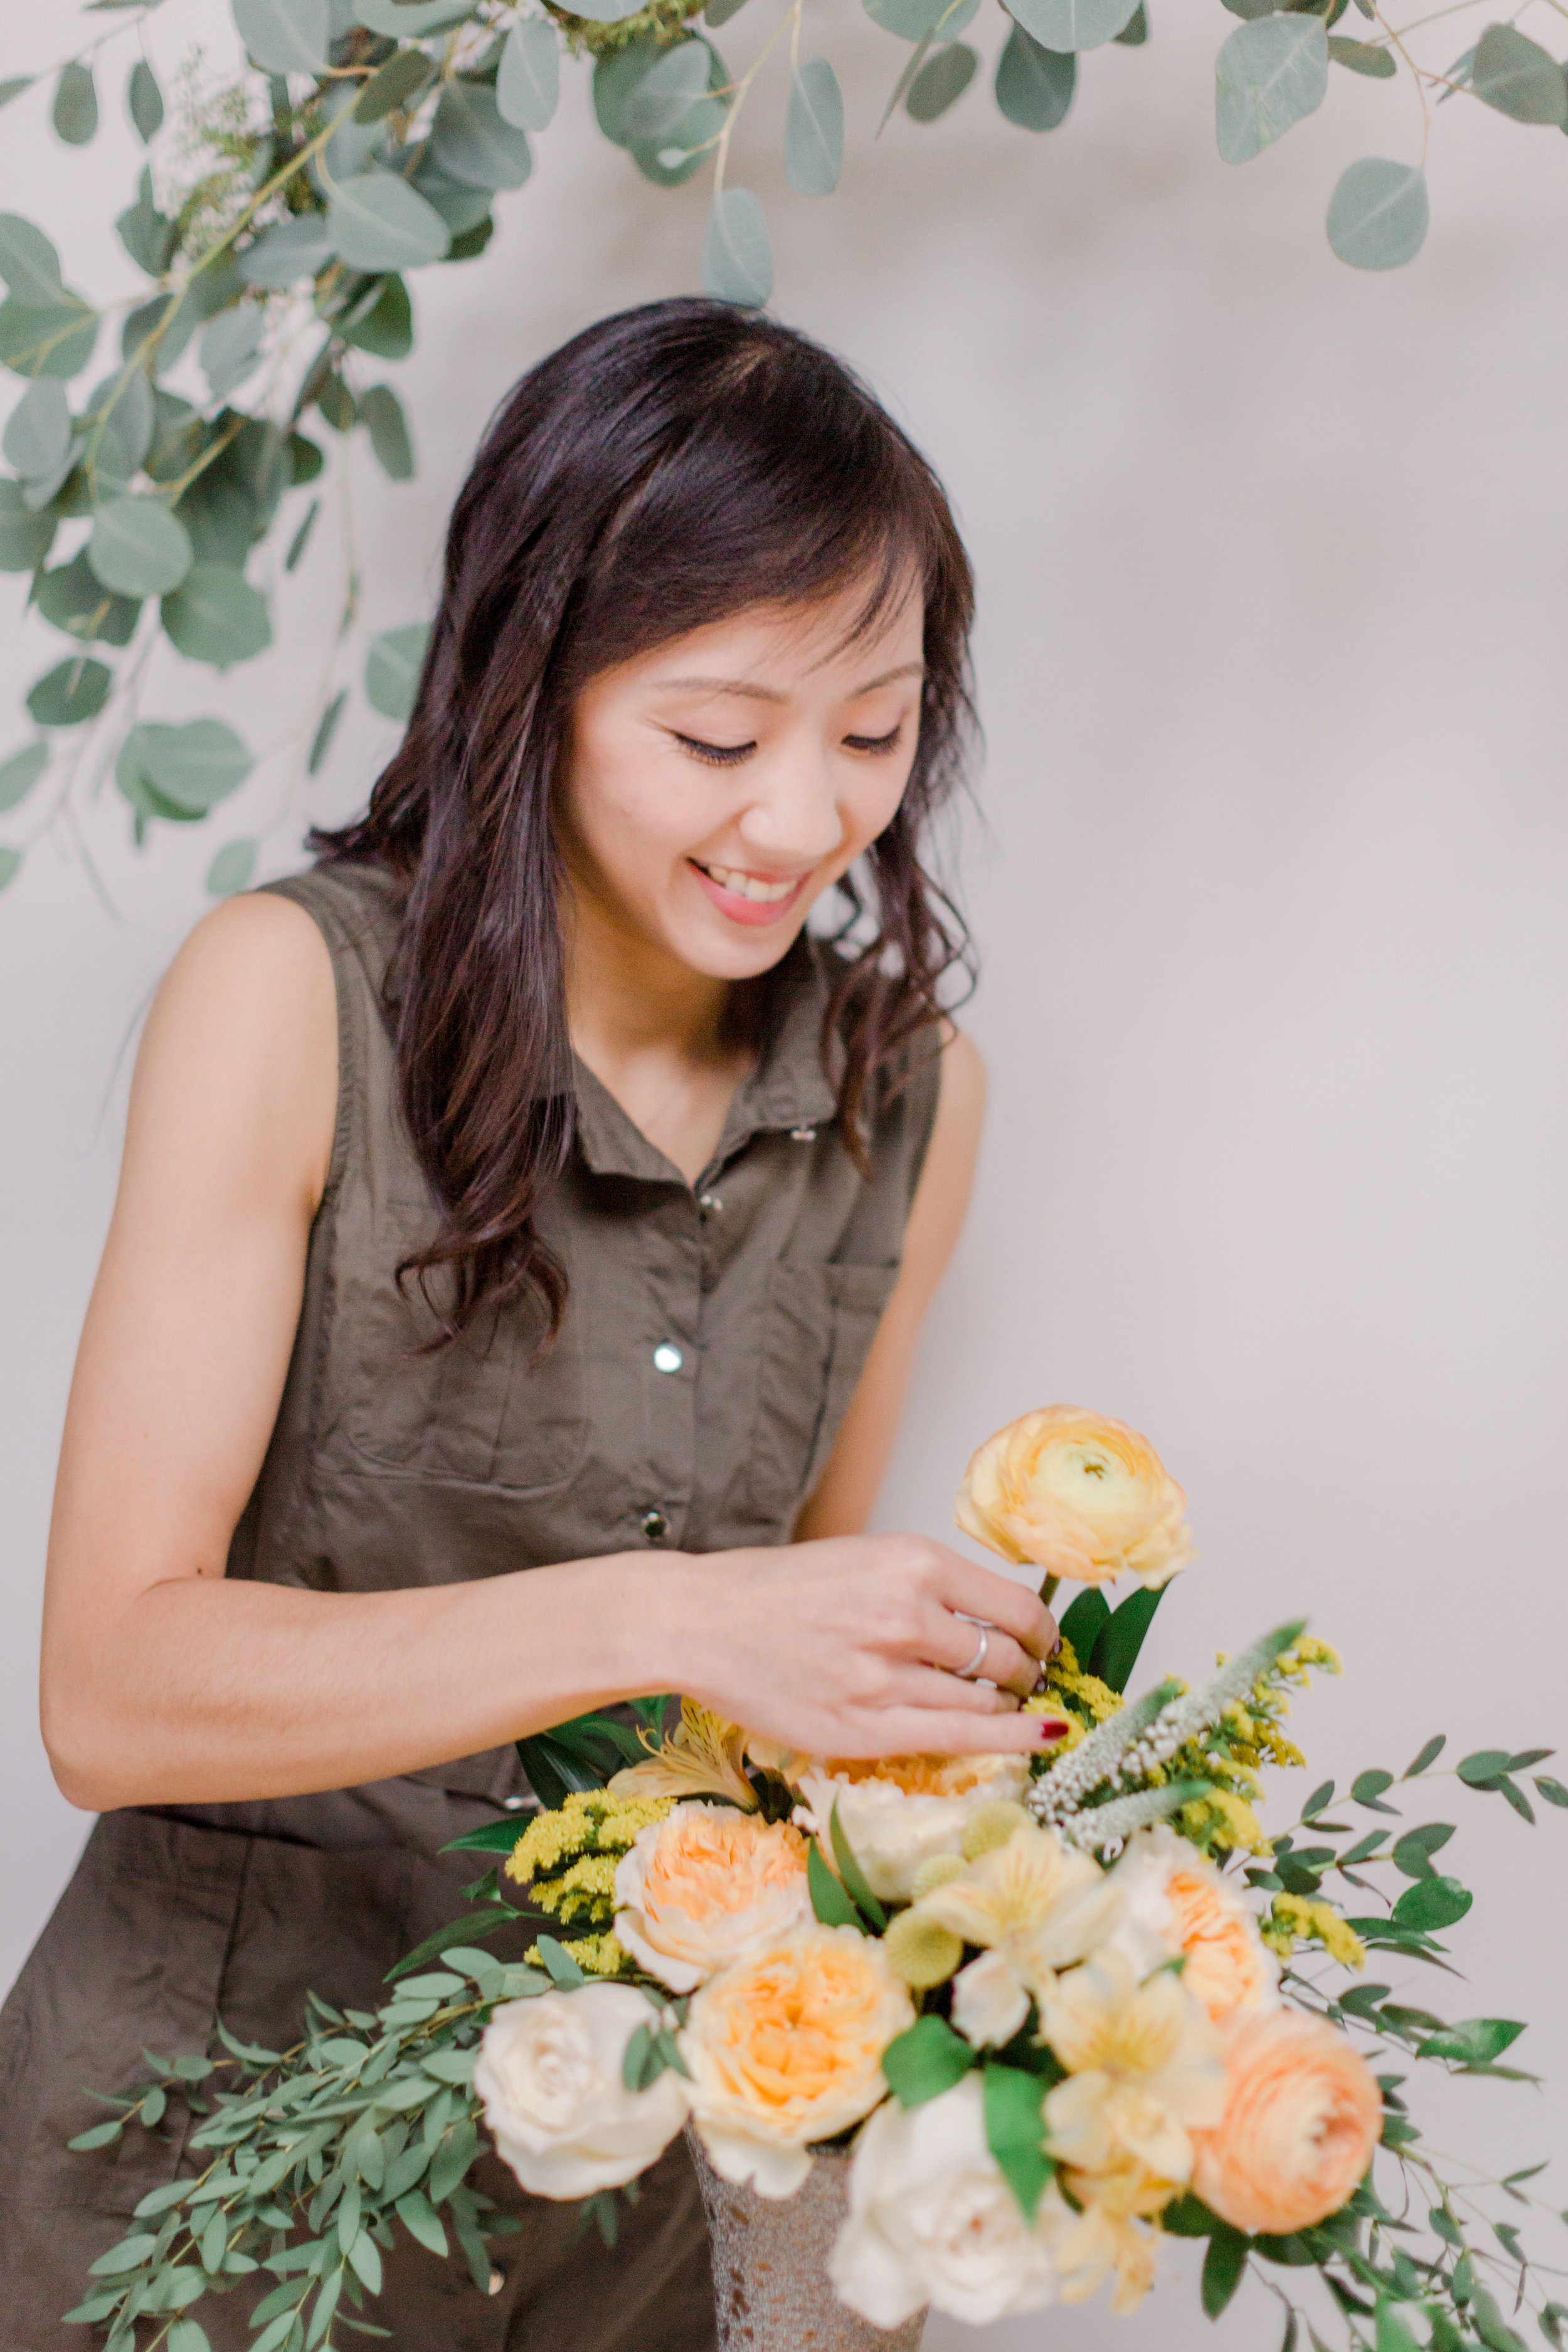 montreal-wedding-floral-designer.jpg